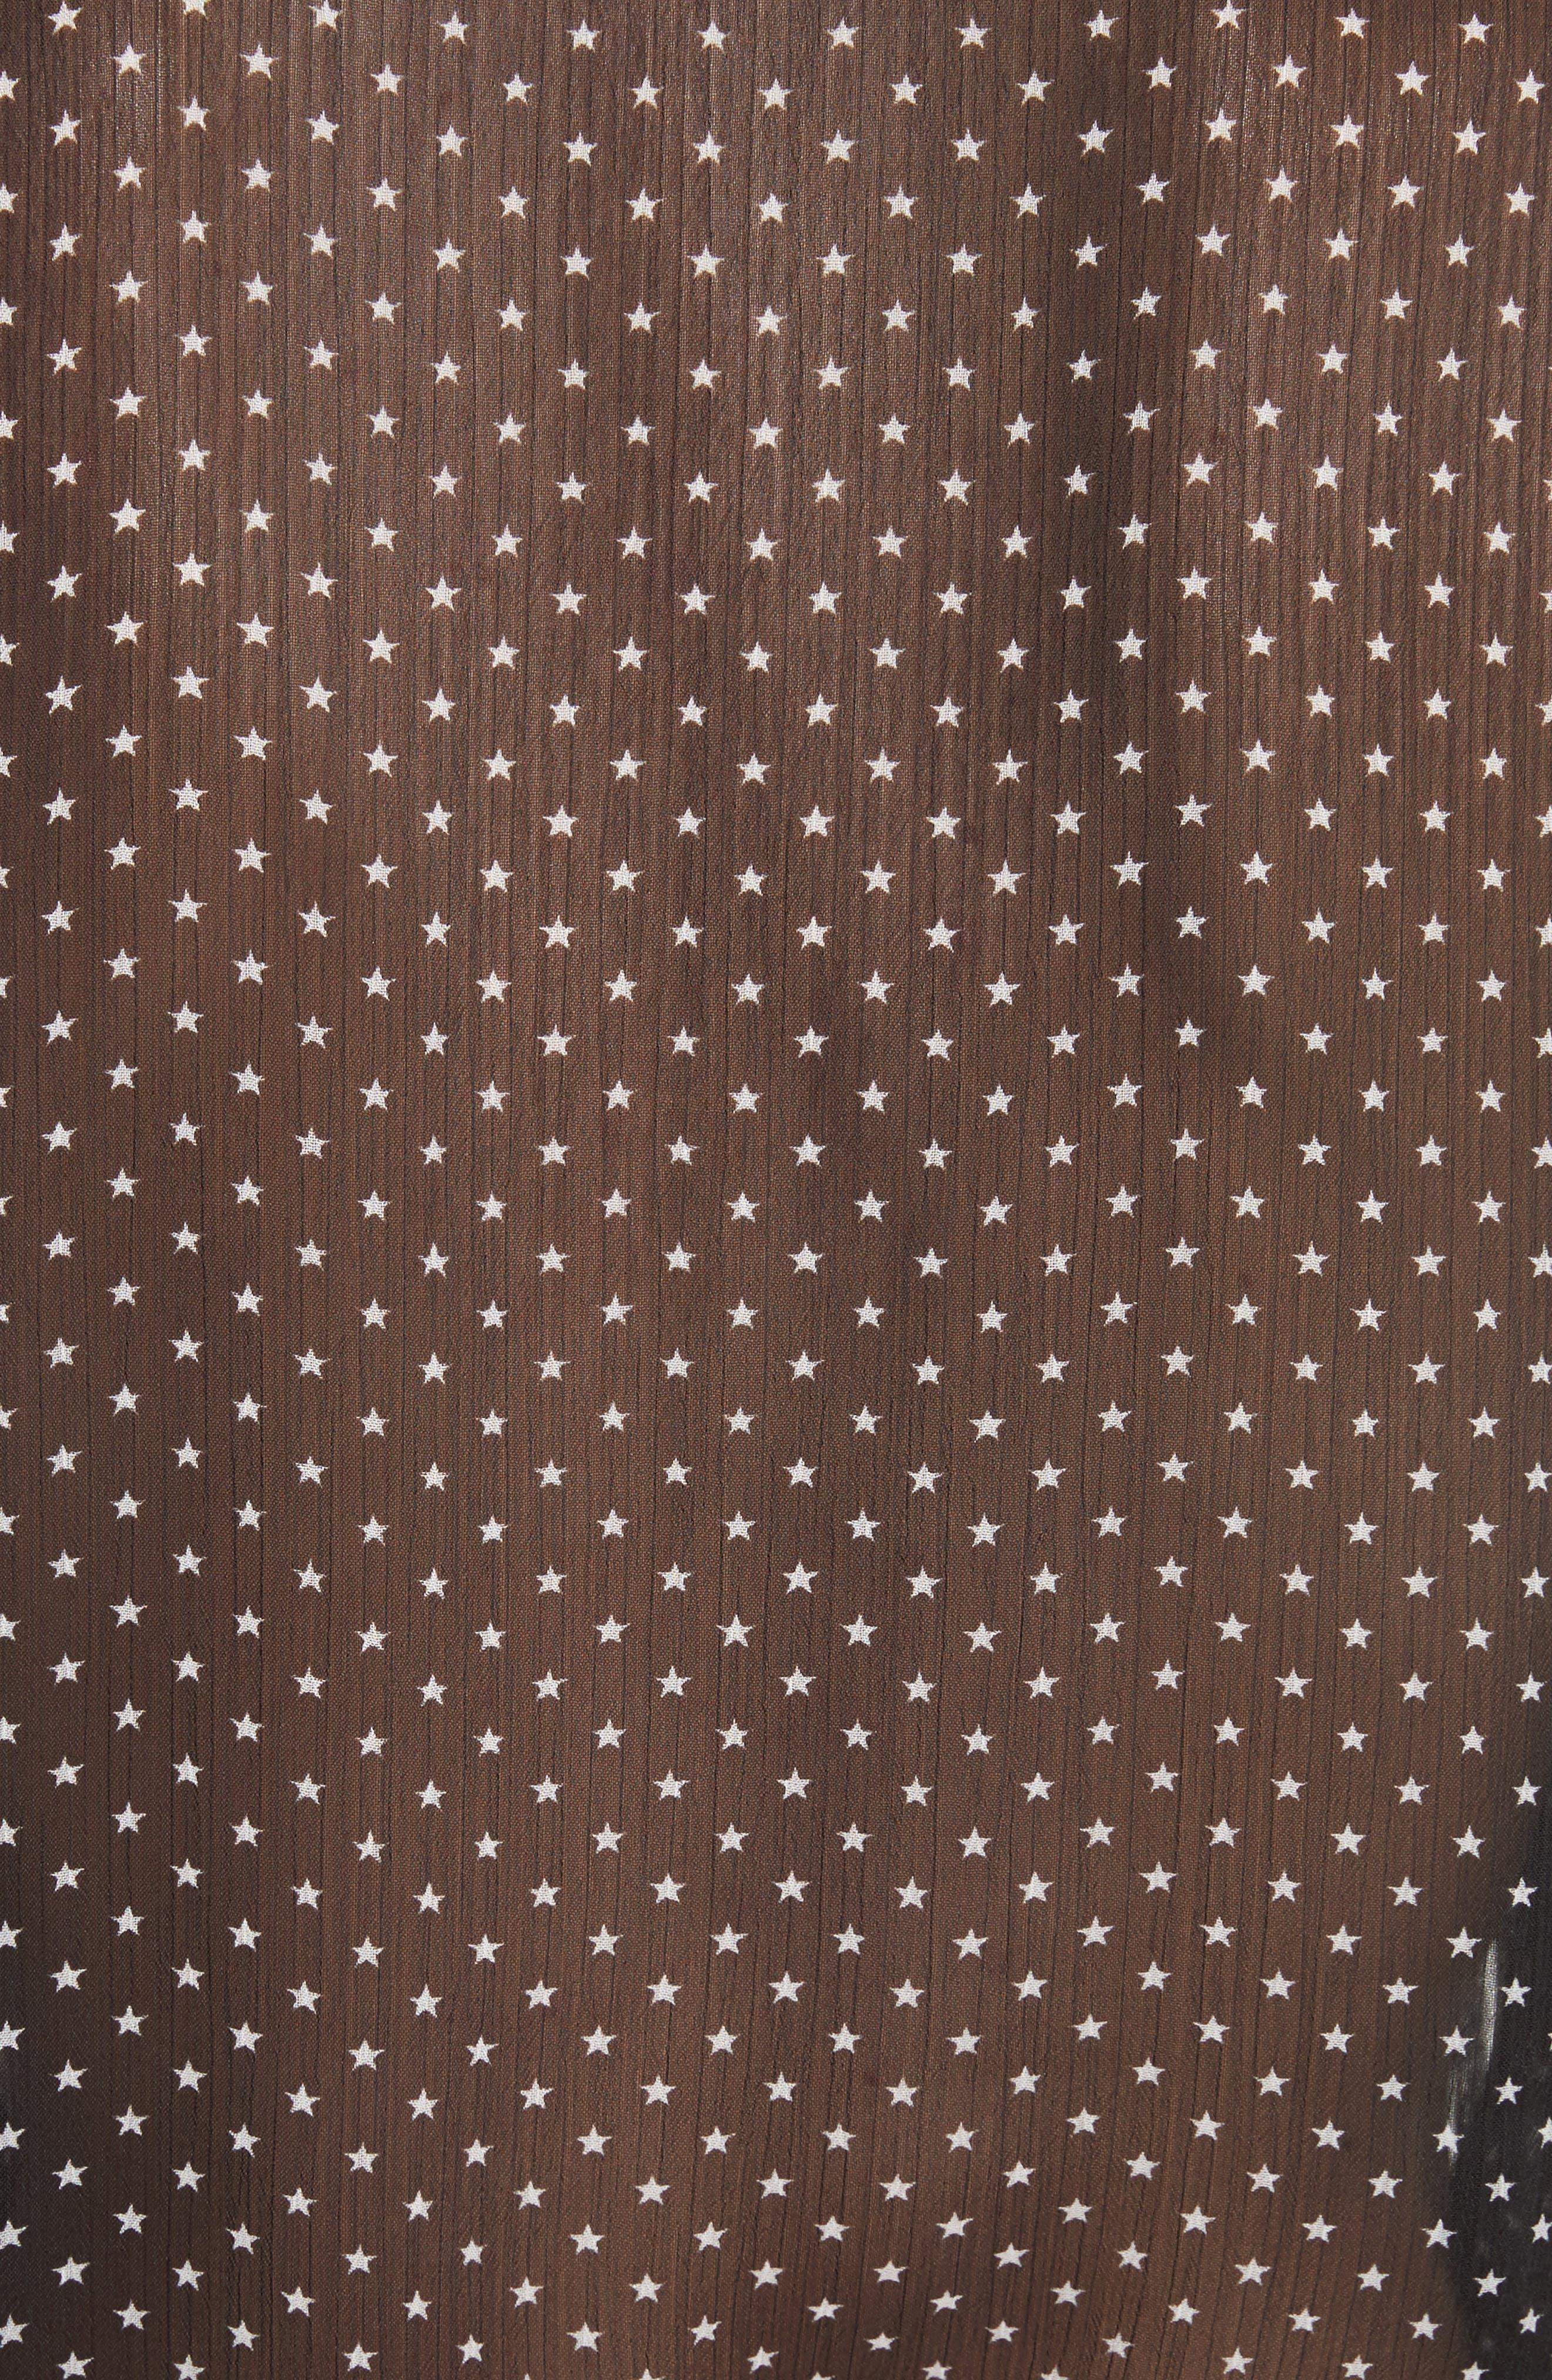 Tabitha Star Print Blouse,                             Alternate thumbnail 5, color,                             Black/ Ivory